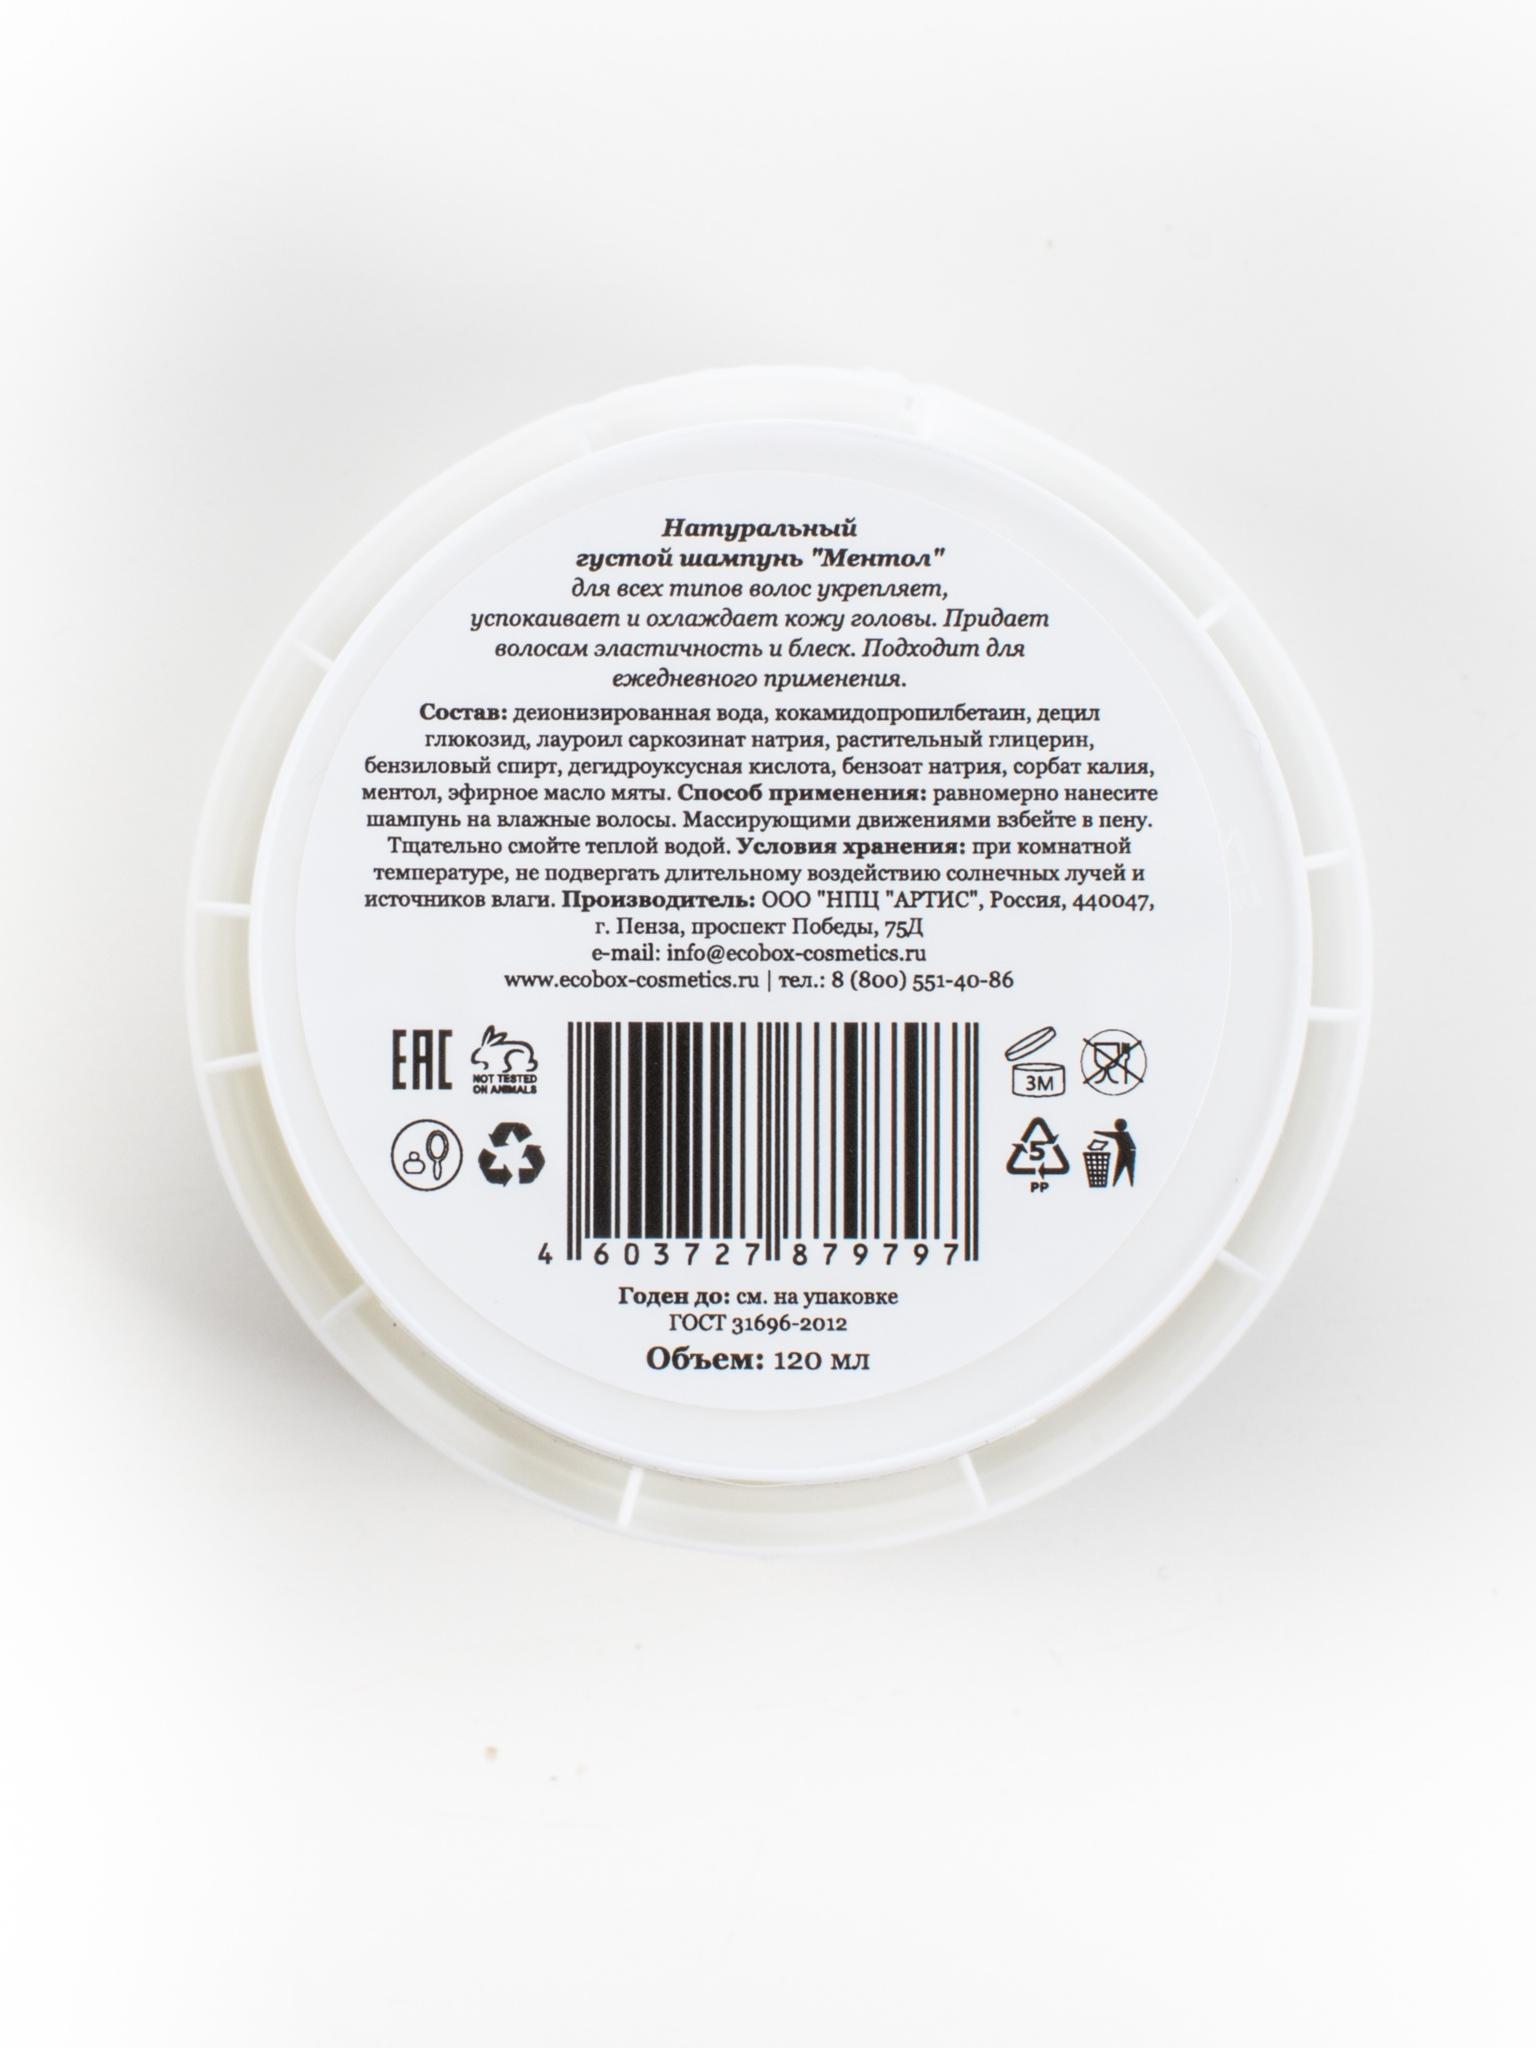 Натуральный густой шампунь для всех типов волос Ментол ECOBOX